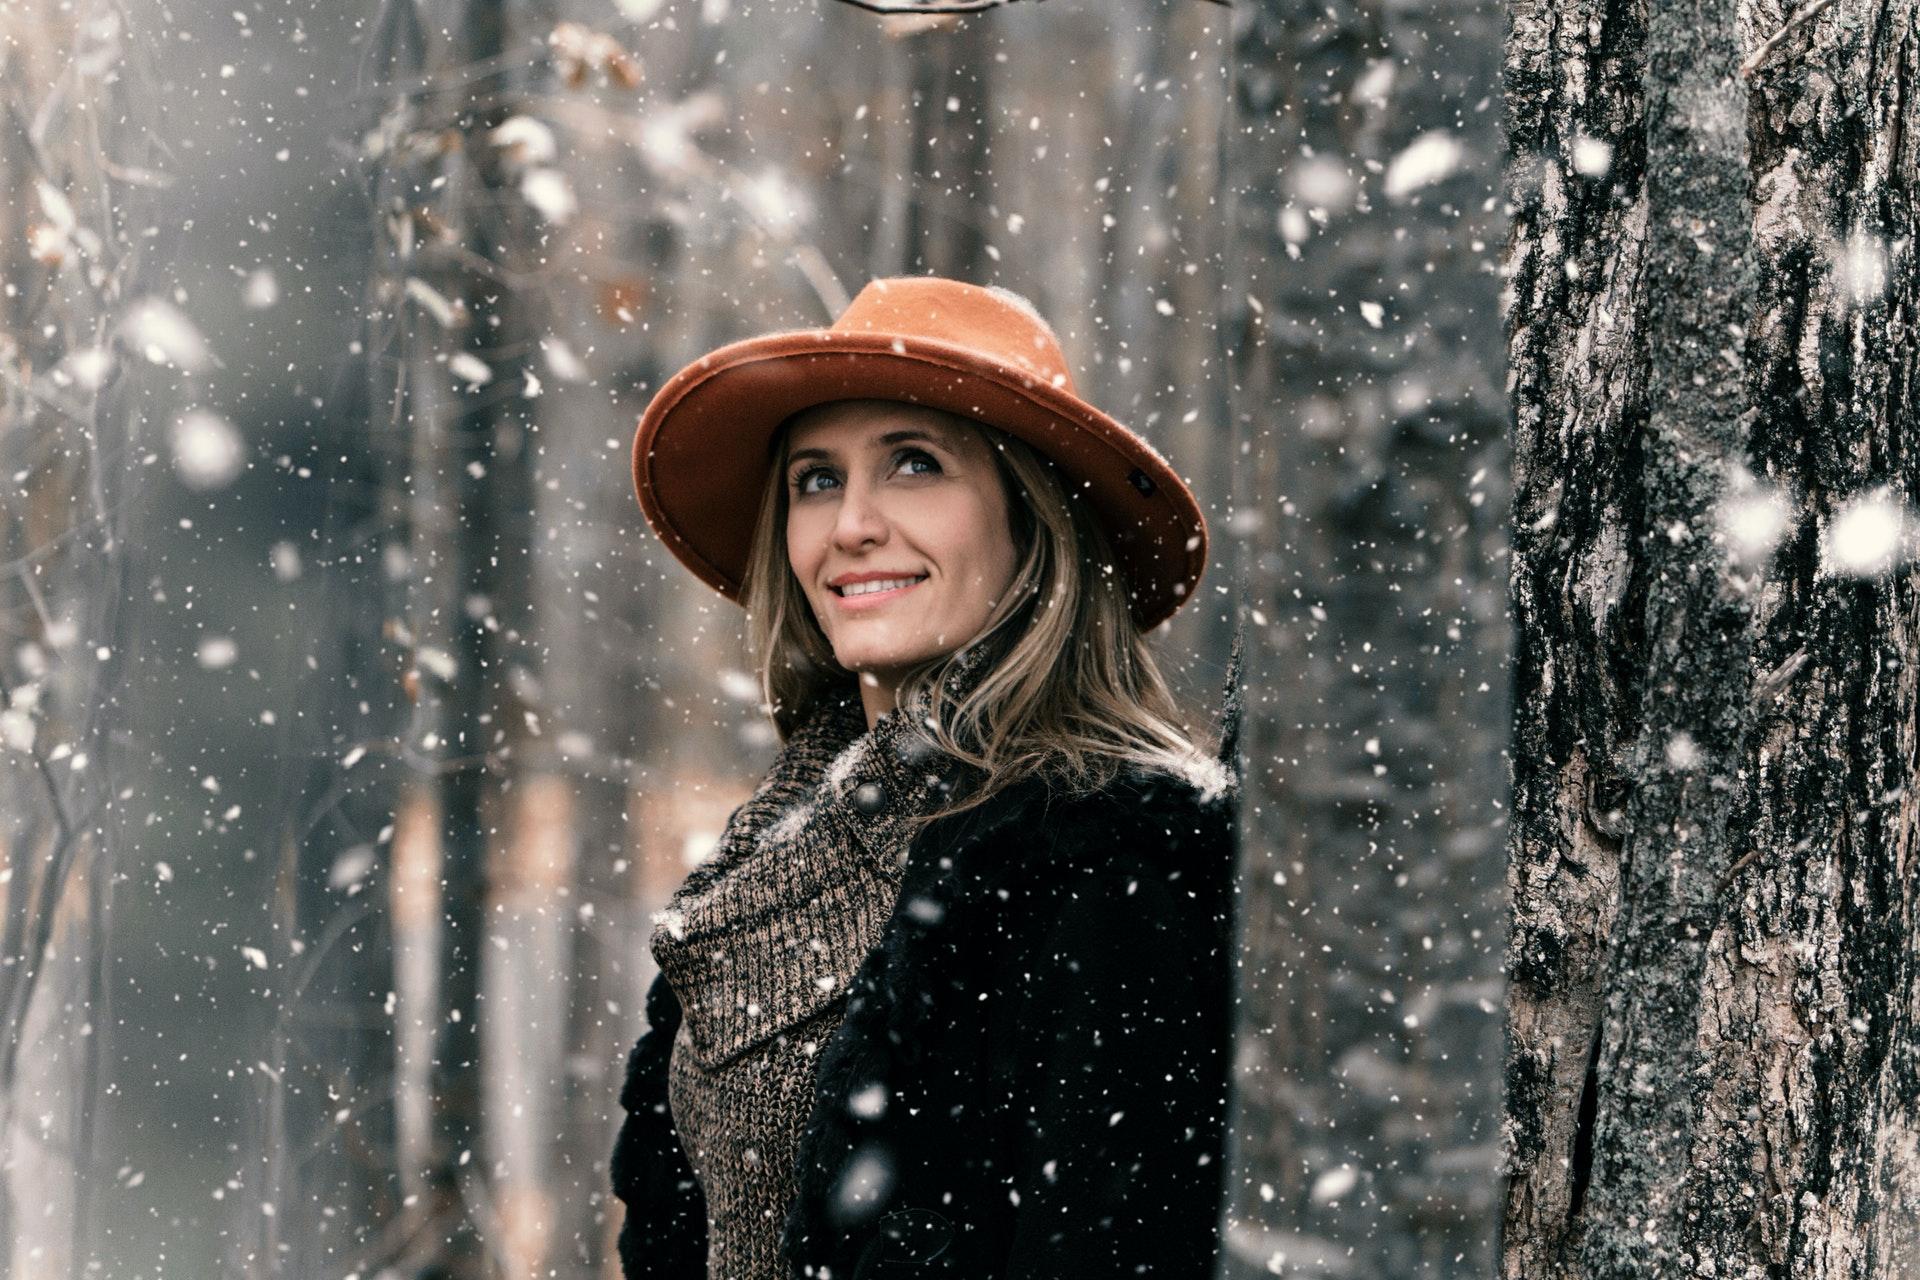 Mujer con gorro naranza en un bosque mientras nieva